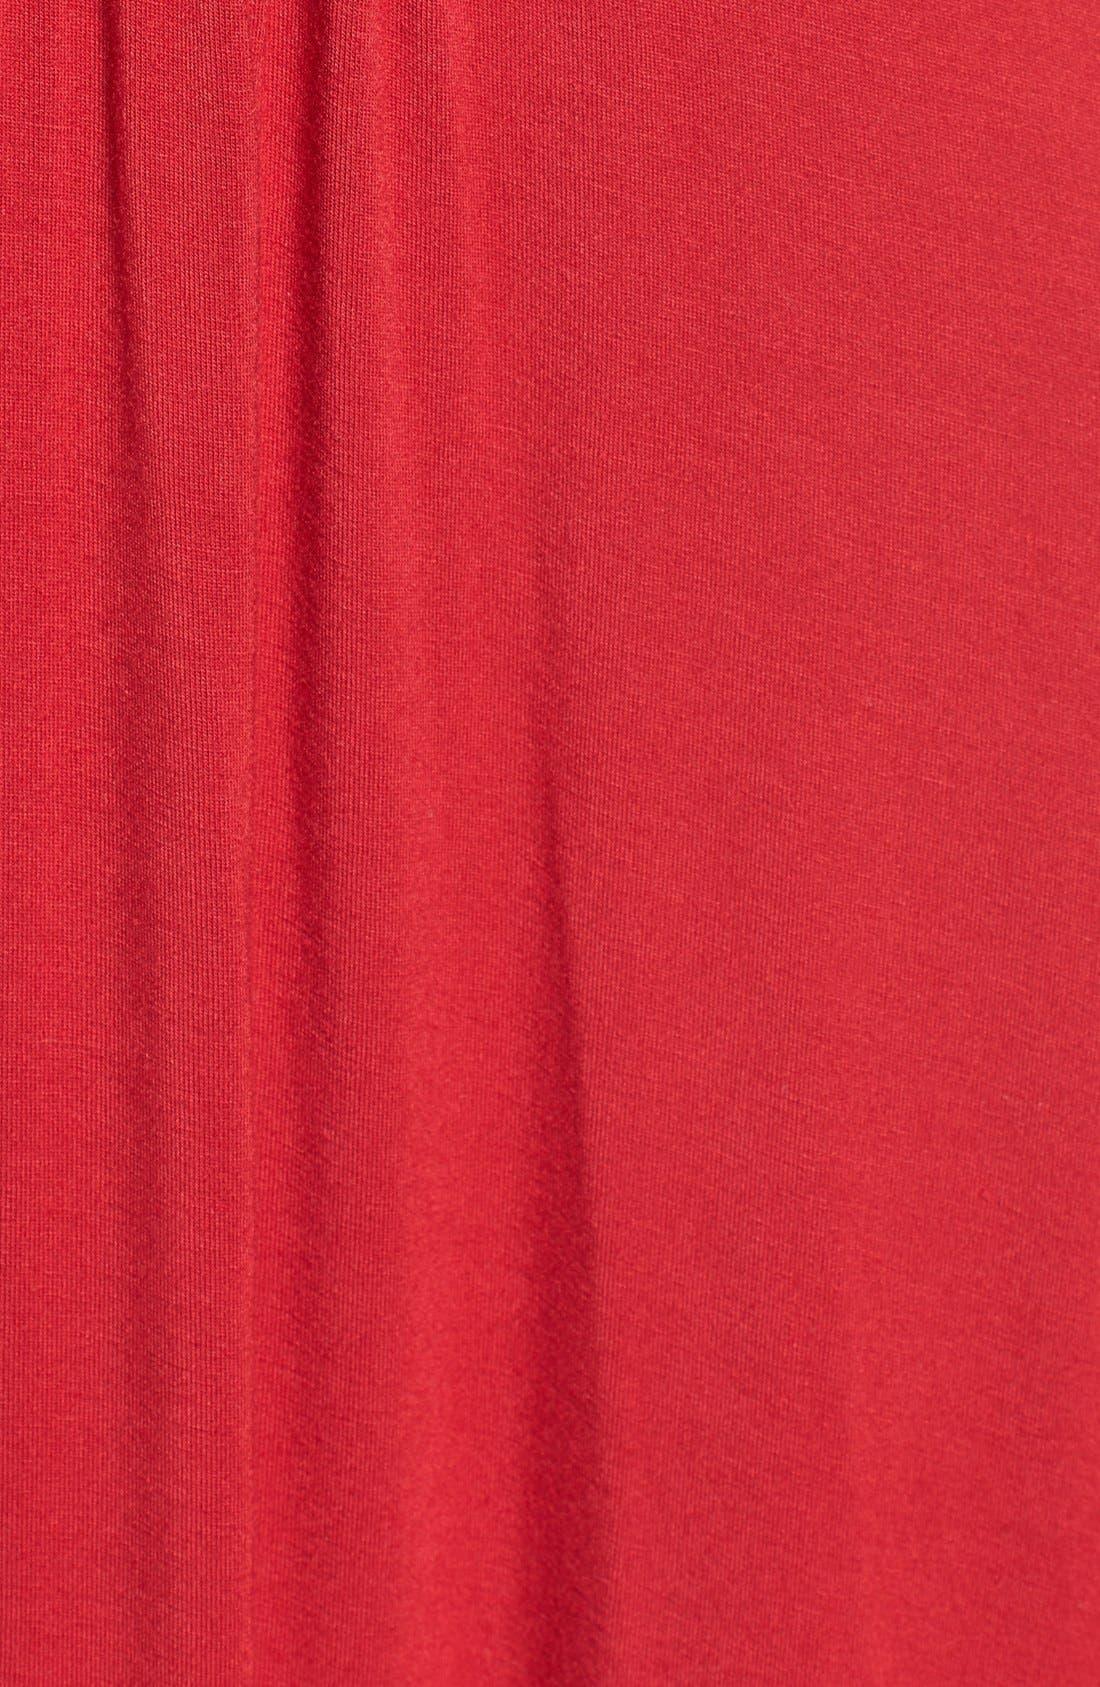 Knit Maxi Dress,                             Alternate thumbnail 31, color,